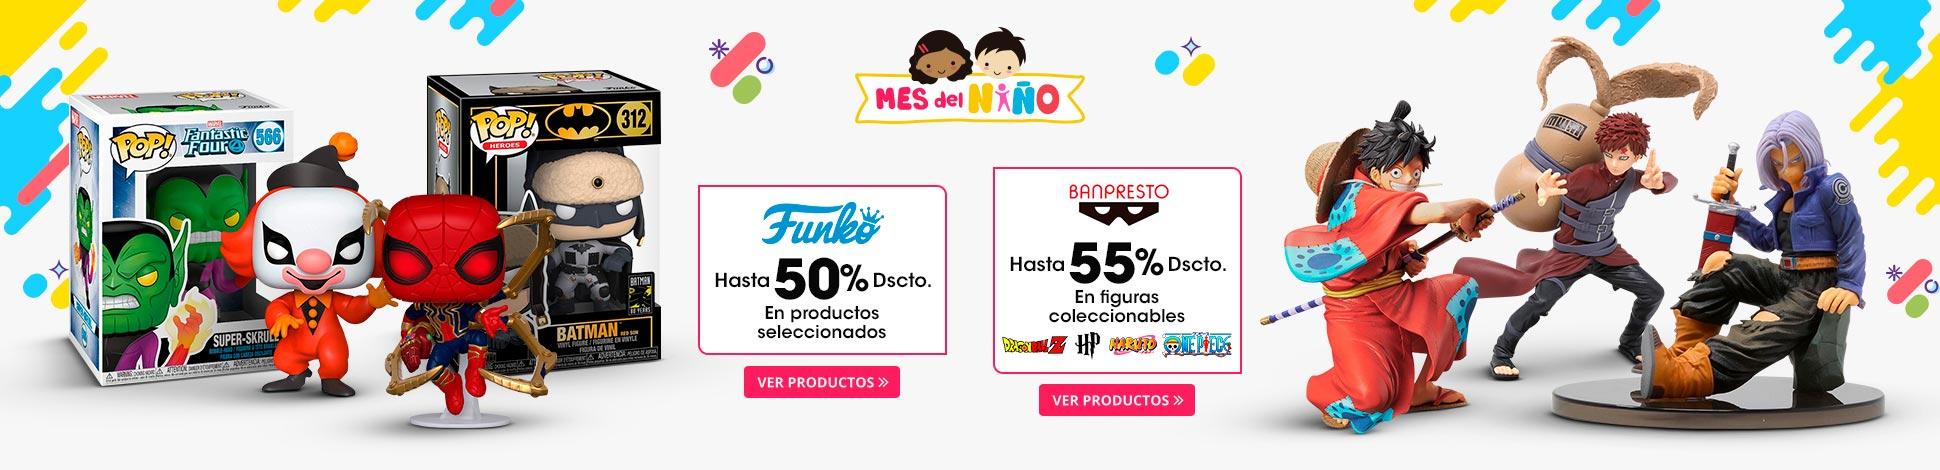 hs-descuento-doble-funko-banpresto.jpg | Juntoz.com